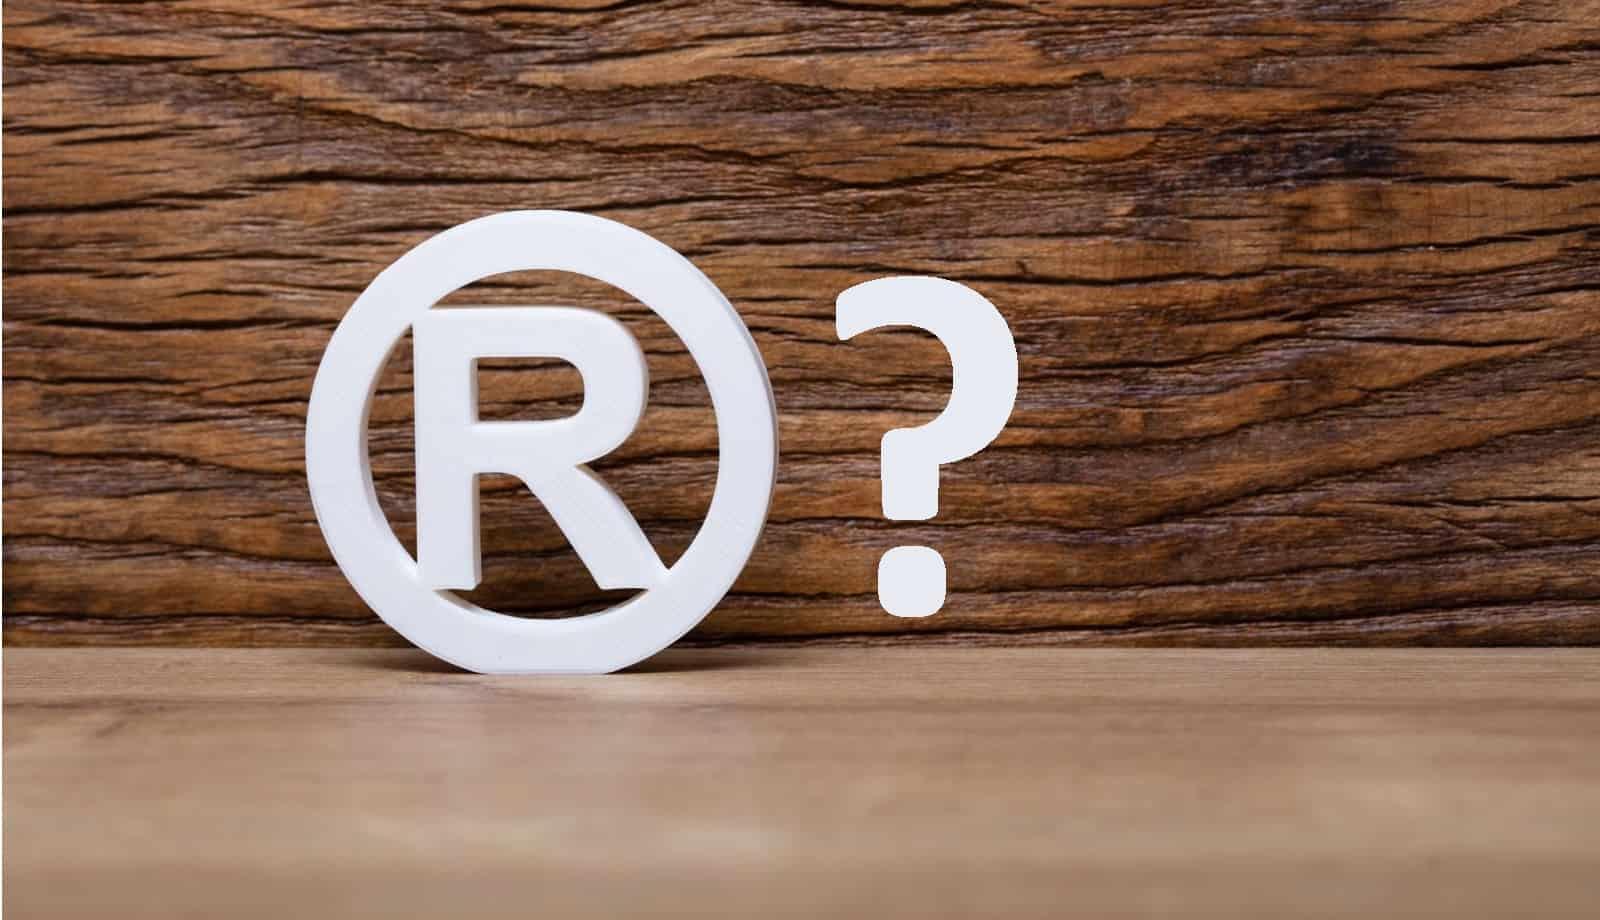 Jakim symbolem oznaczać zarejestrowane wzory przemysłowe